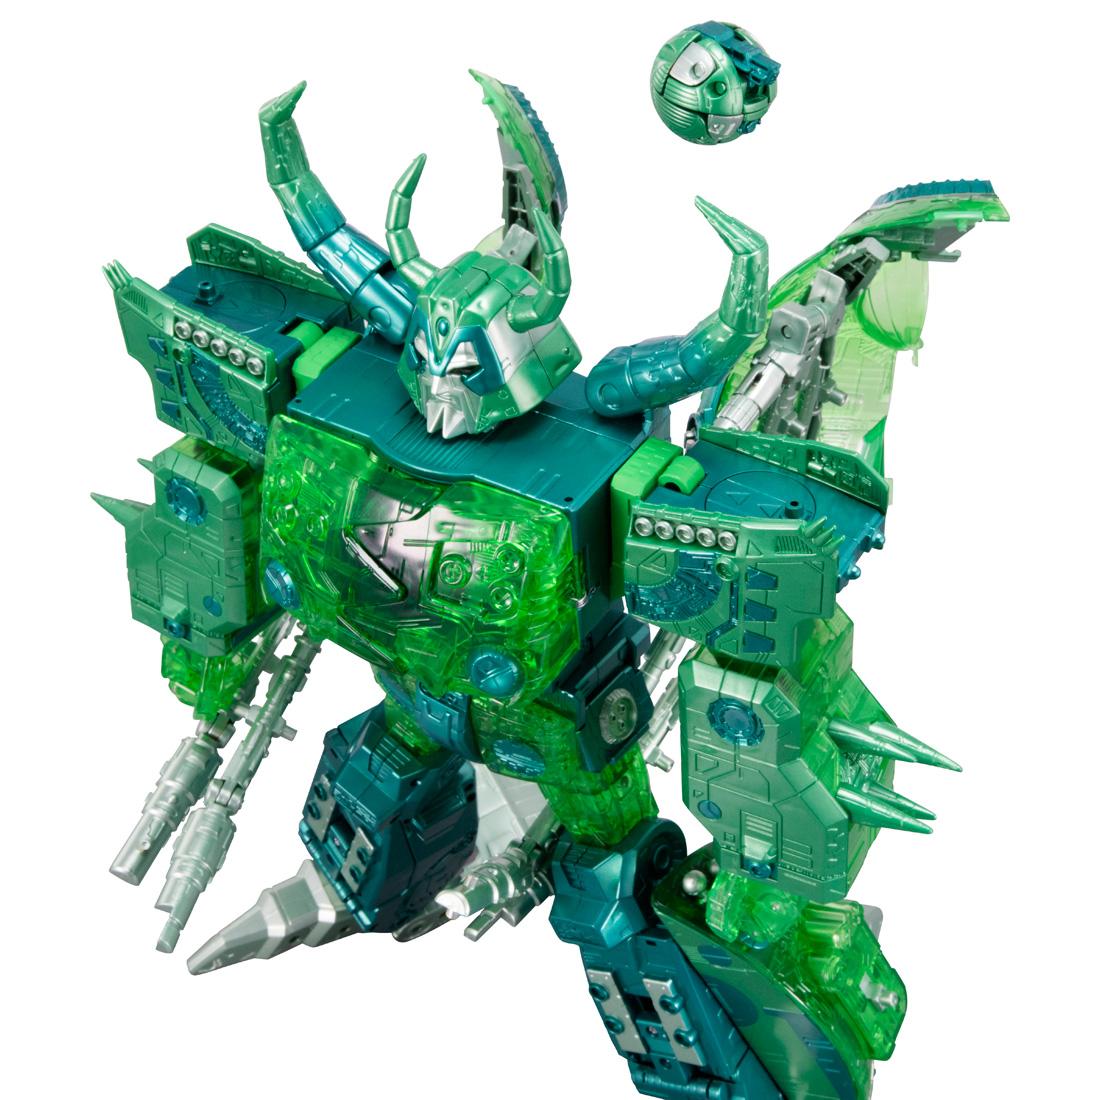 トランスフォーマー アンコール『ユニクロン(マイクロン集合体カラー)』可変可動フィギュア-008